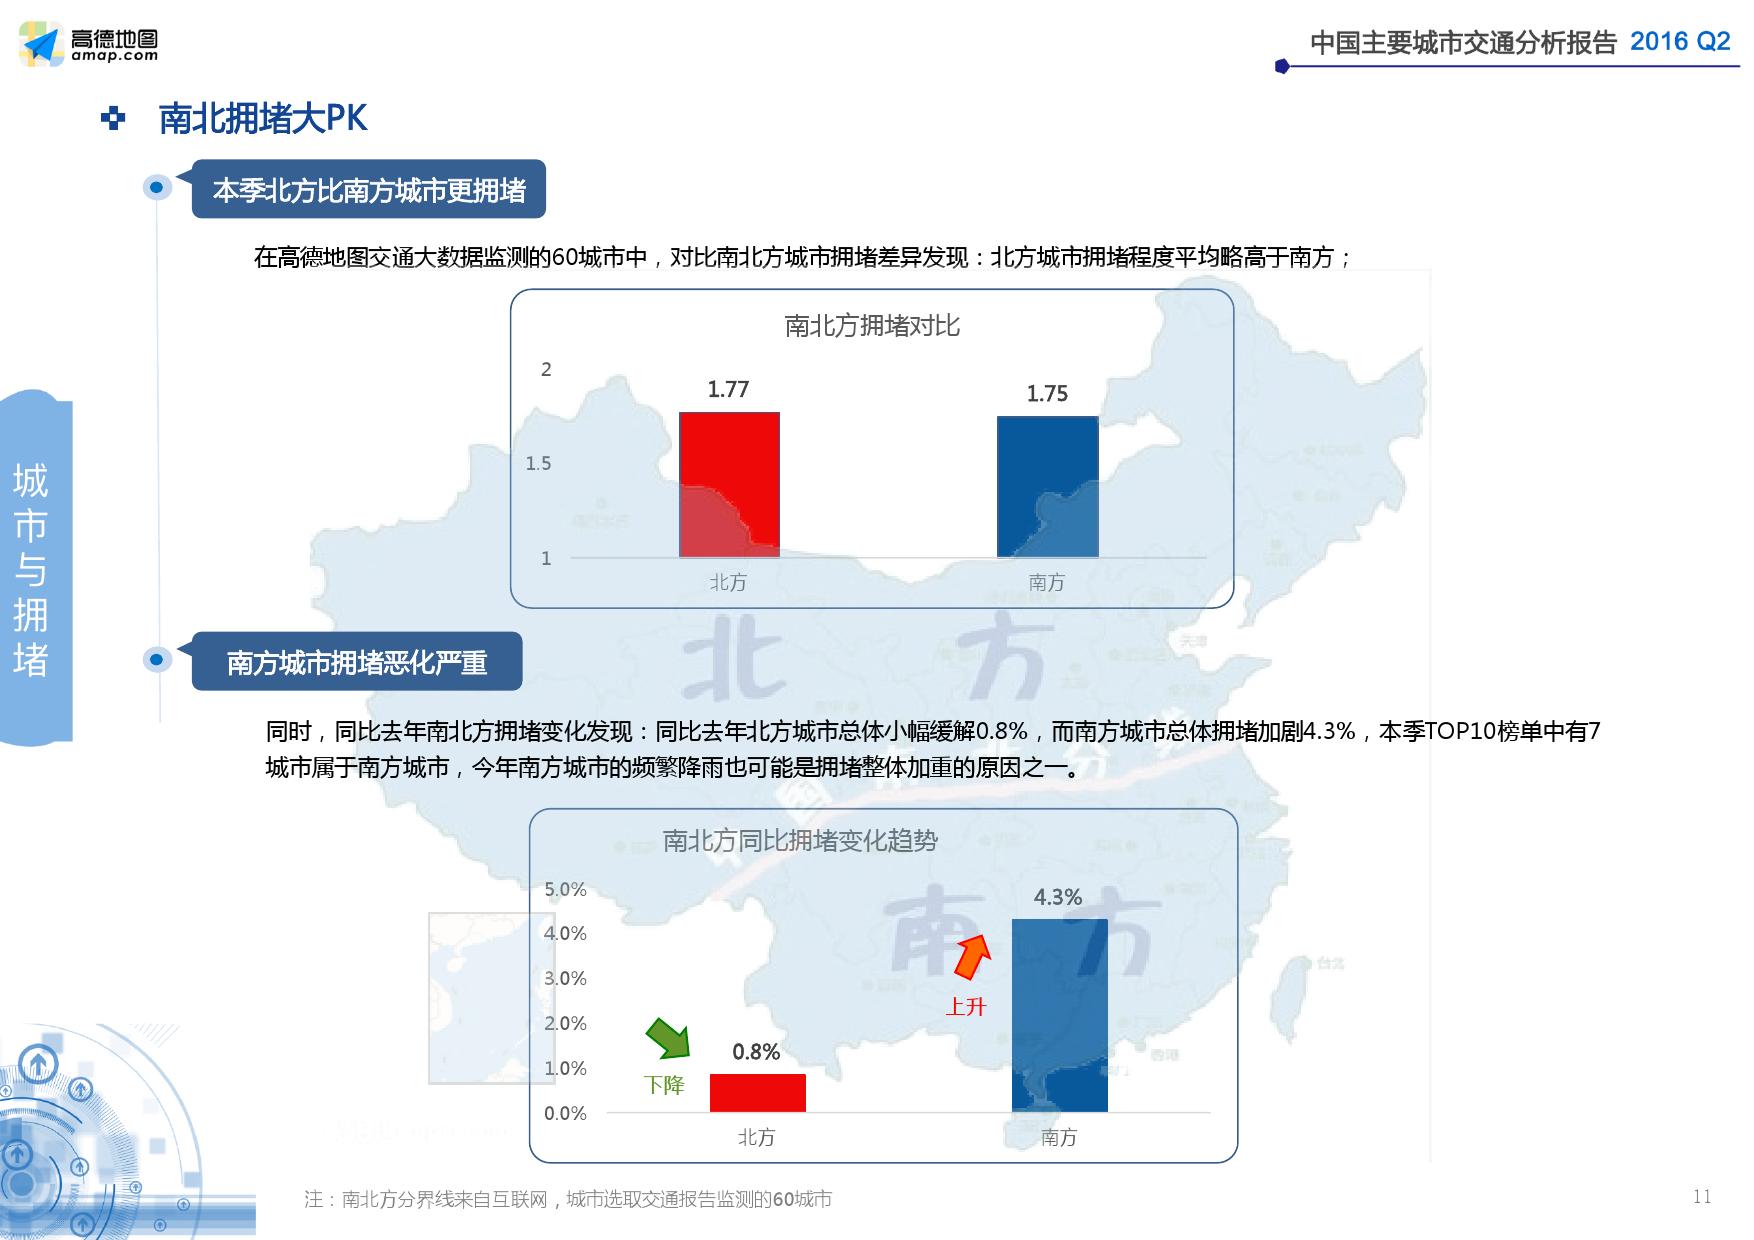 2016年Q2中国主要城市交通分析报告_000011